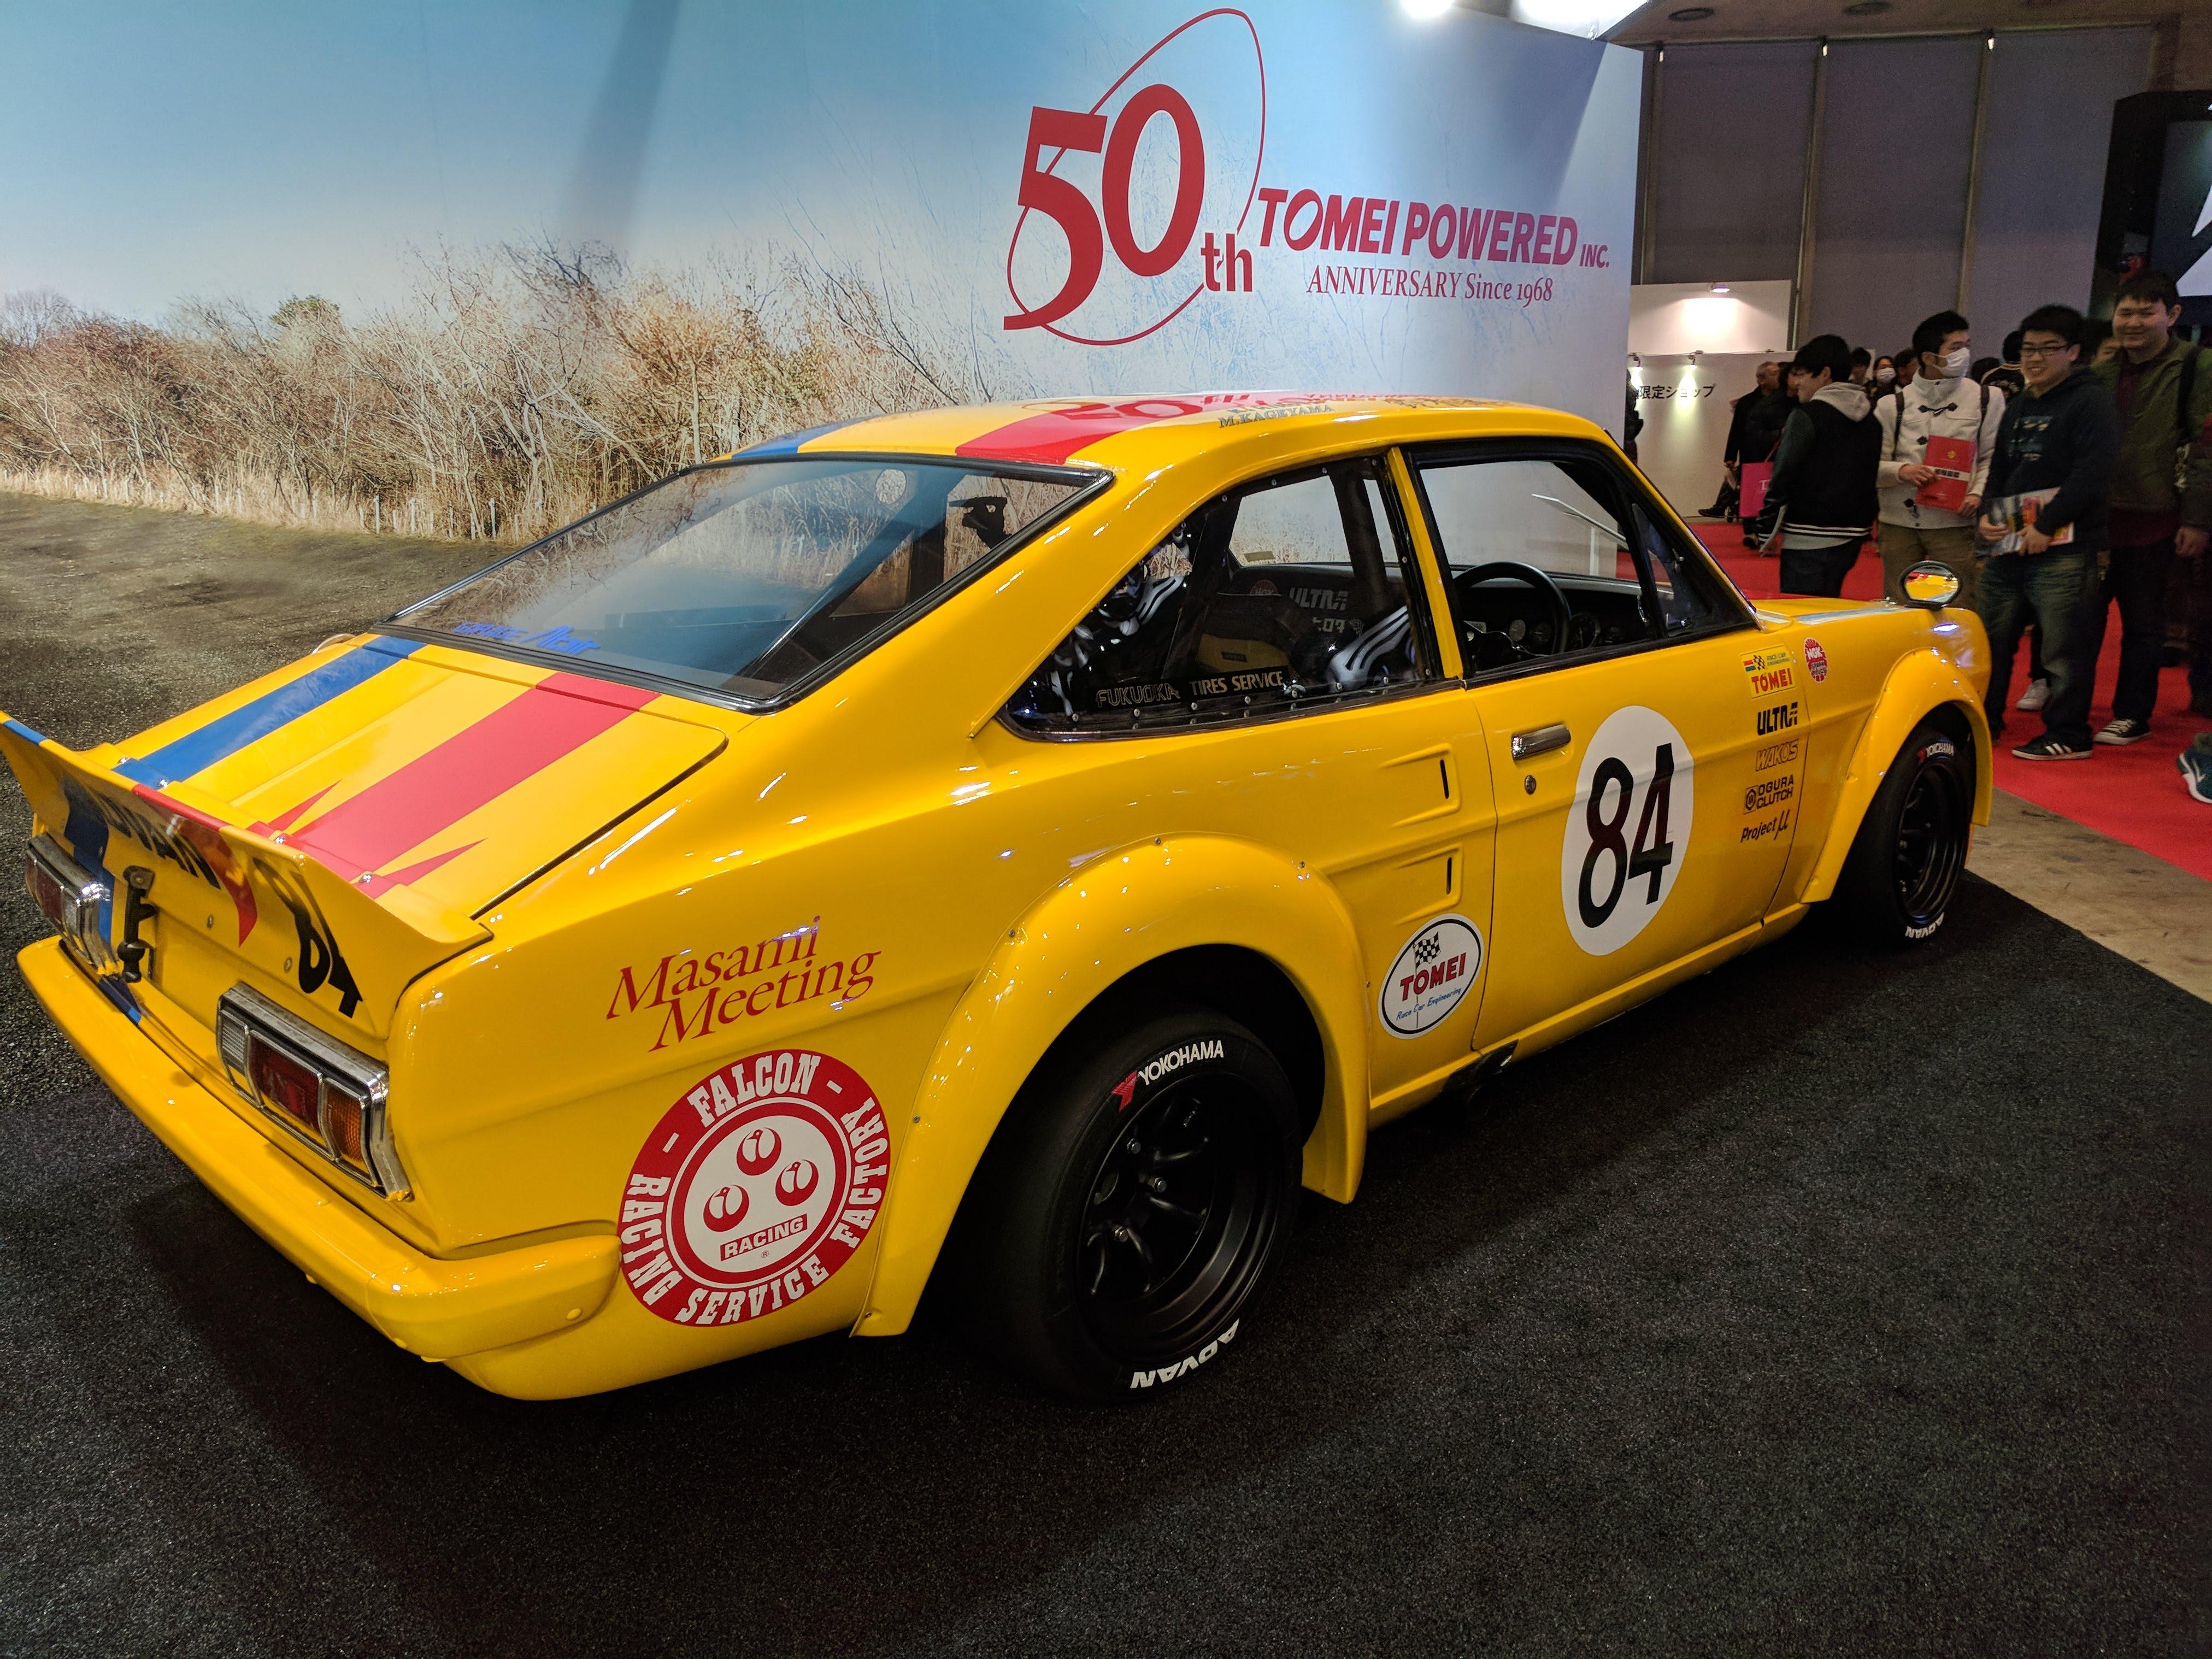 HXCJ3950